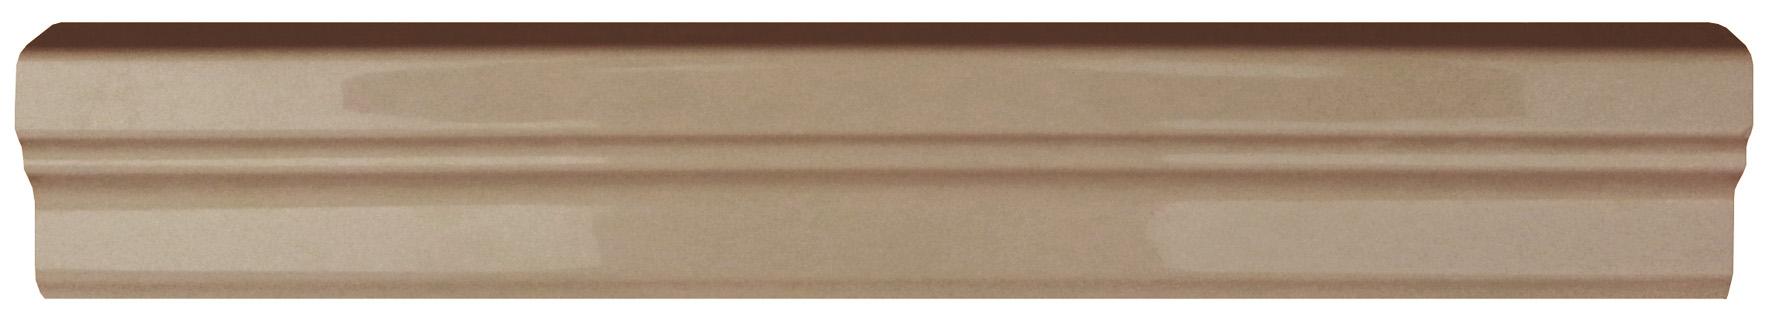 Бордюр FAP Ceramiche Manhattan +14247 Sand London бордюр fap fusion fusion white london 4x25